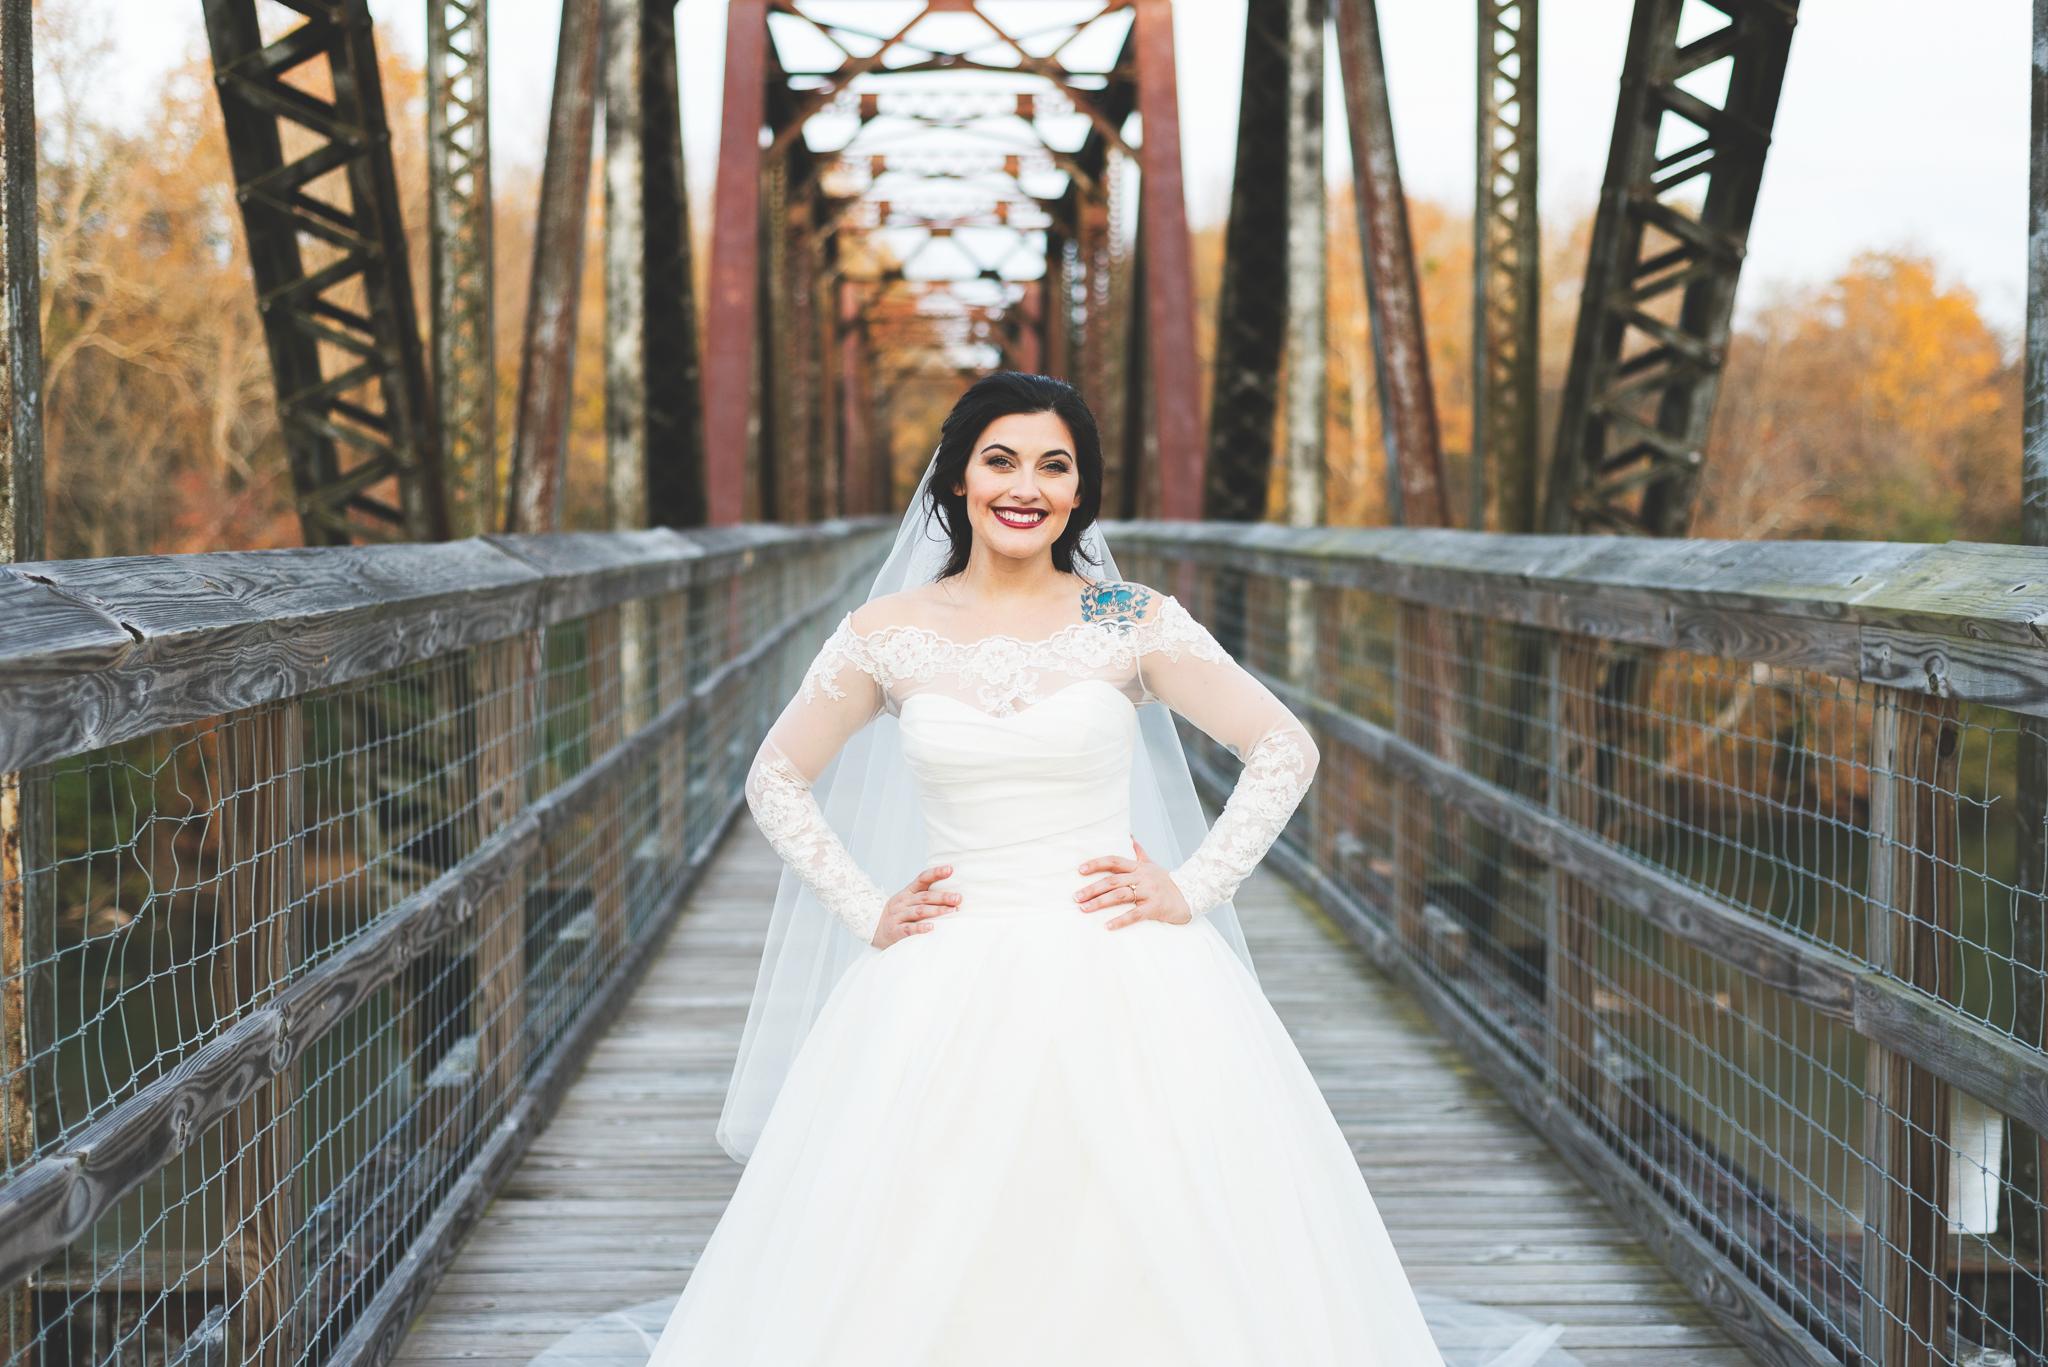 Bridals_SarahRobertson_blog-25.jpg